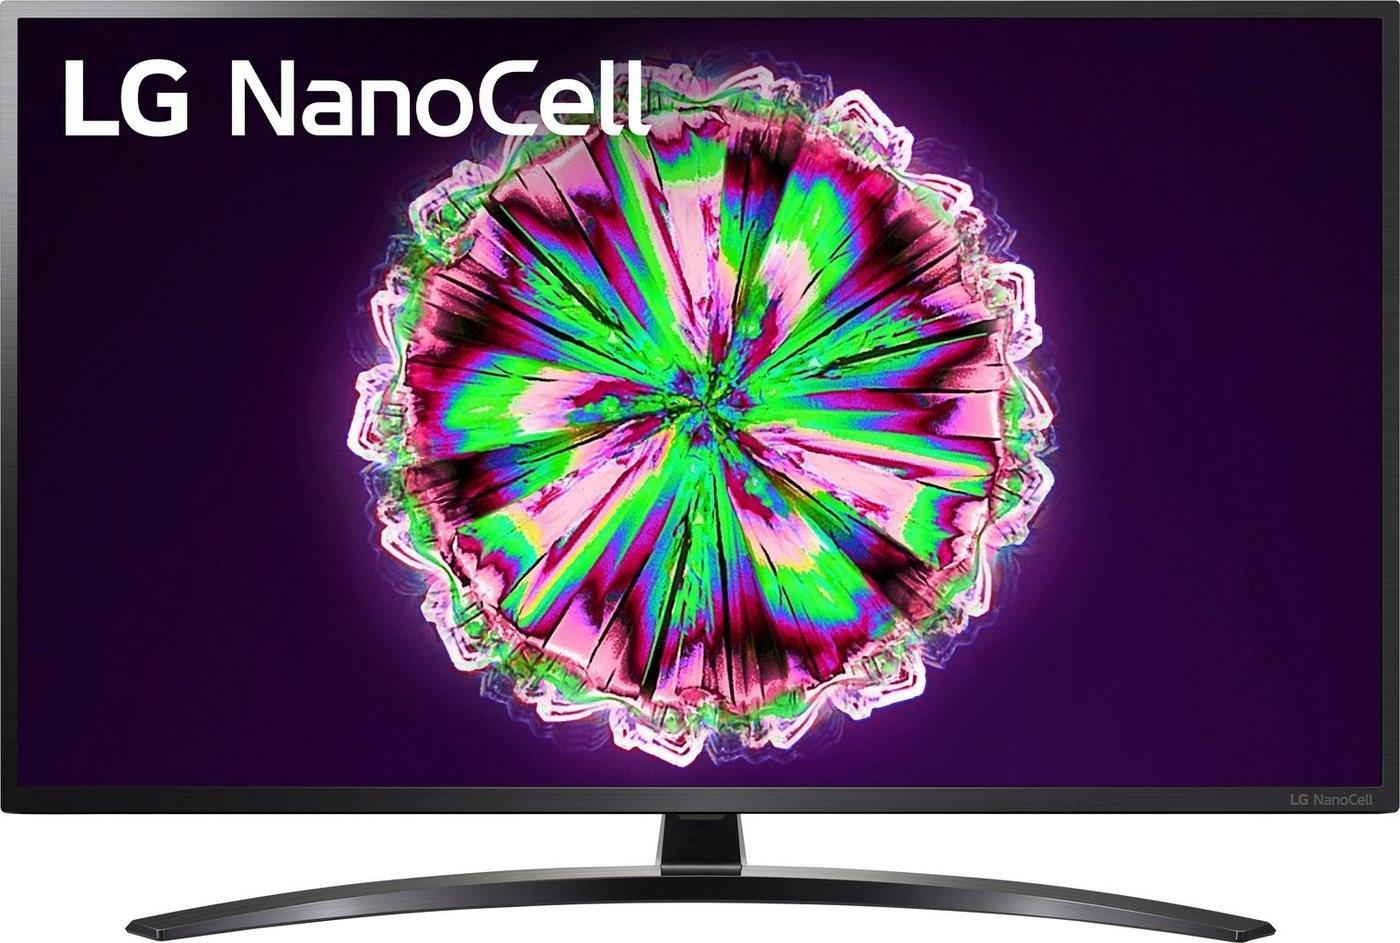 LG NANO796NE 55 Zoll Nano-Cell LED Fernseher